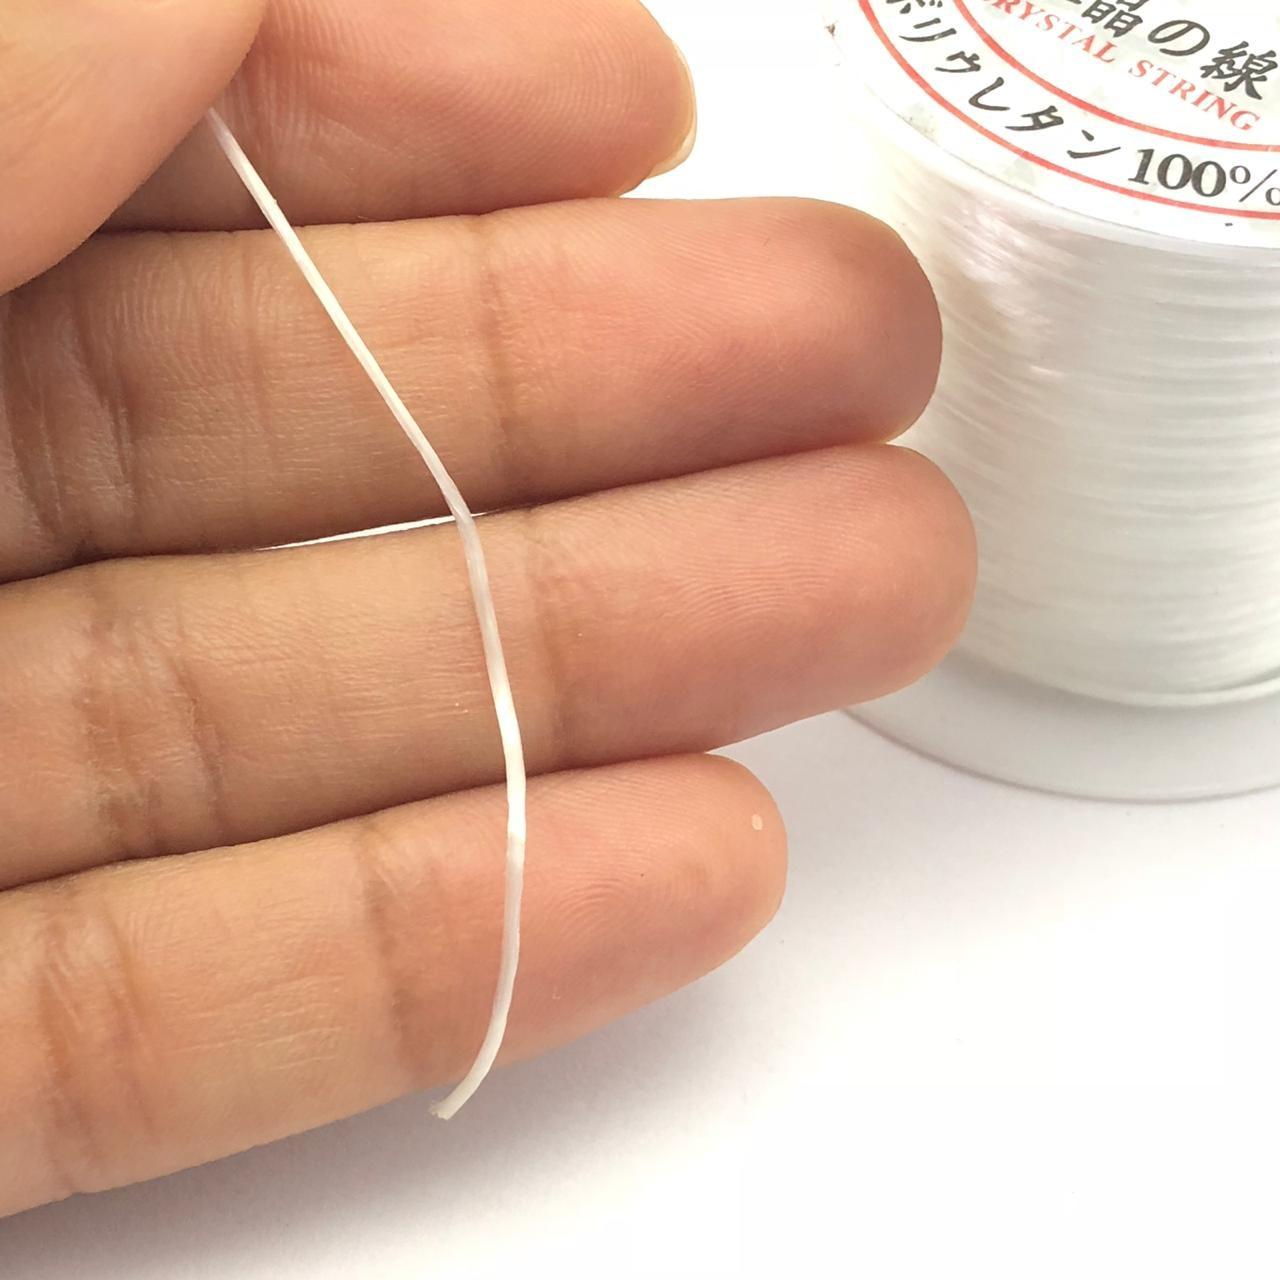 AC168 - Fio de Silicone Poliester com 100metros